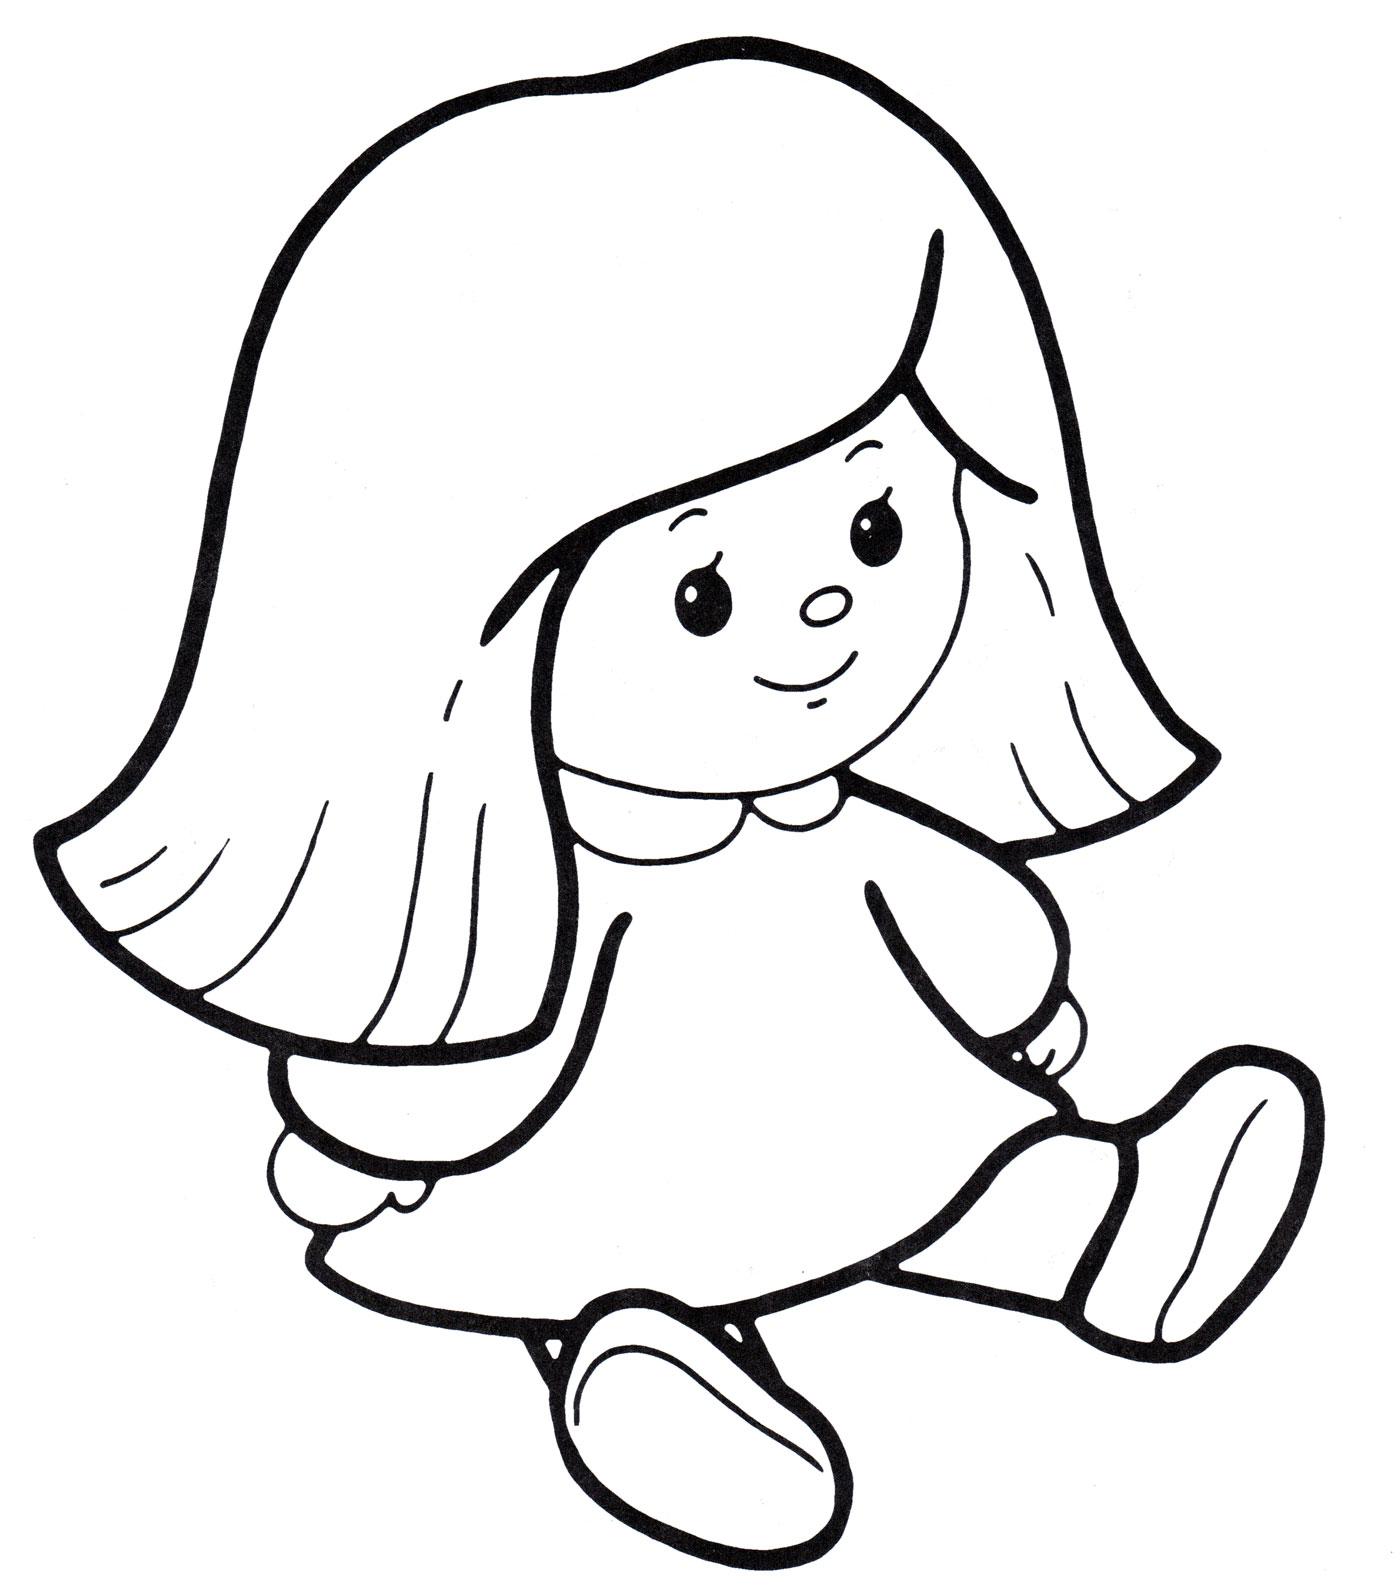 Раскраска Кукла Маша - распечатать бесплатно